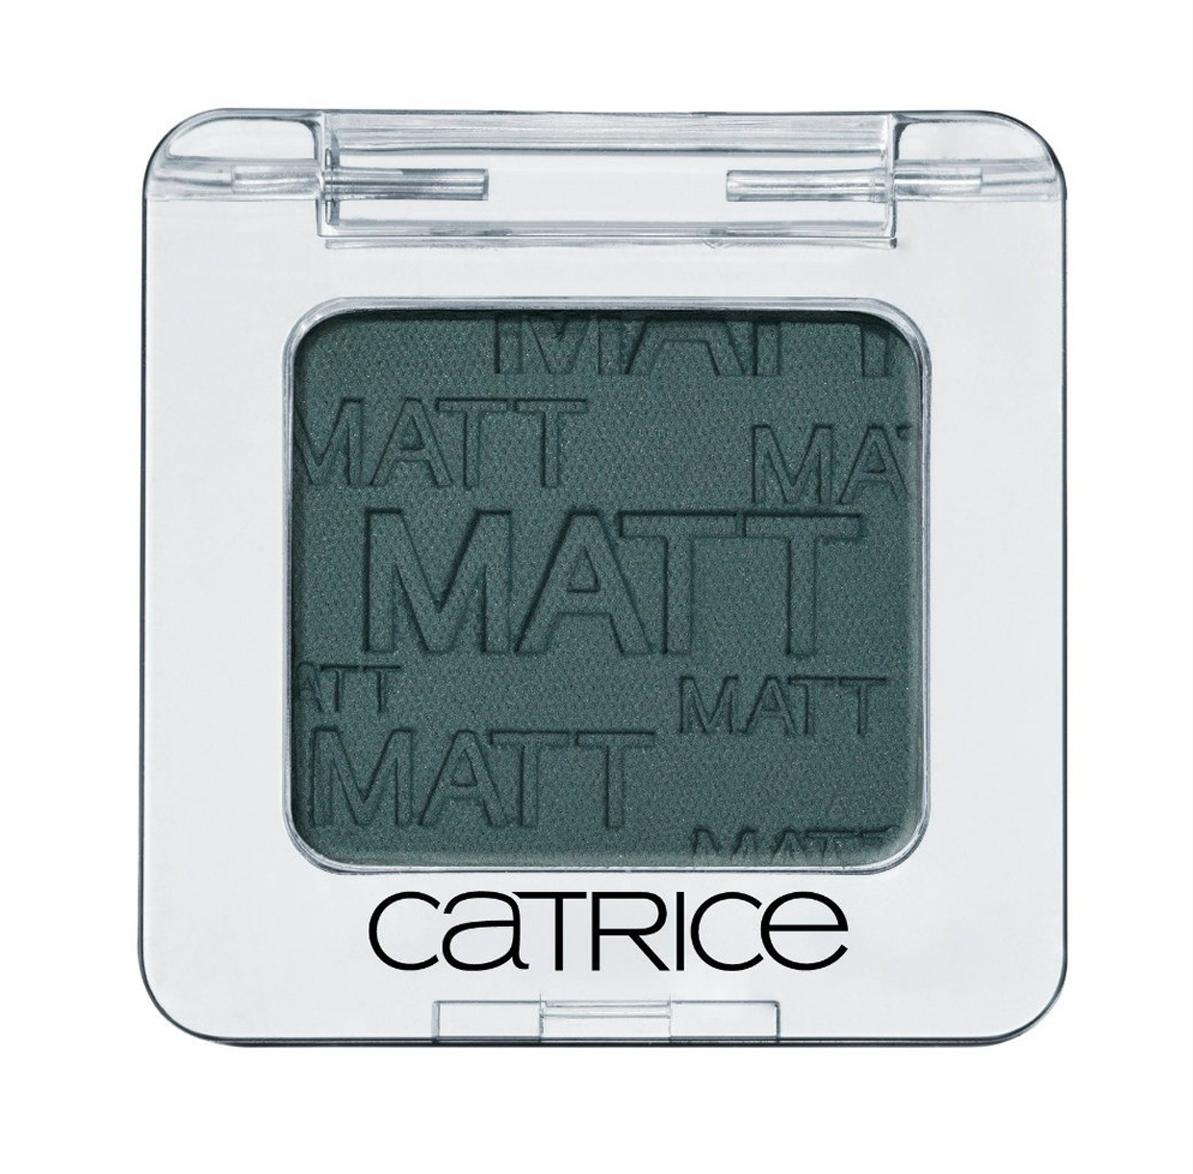 Catrice Тени для век одинарные Absolute Eye Colour 1000 Kermit Closer серый матовый 2 гр20065Высокопигментированные пудровые тени, широкая цветовая гамма, стойкость, легкость в нанесении и разнообразие эффектов.